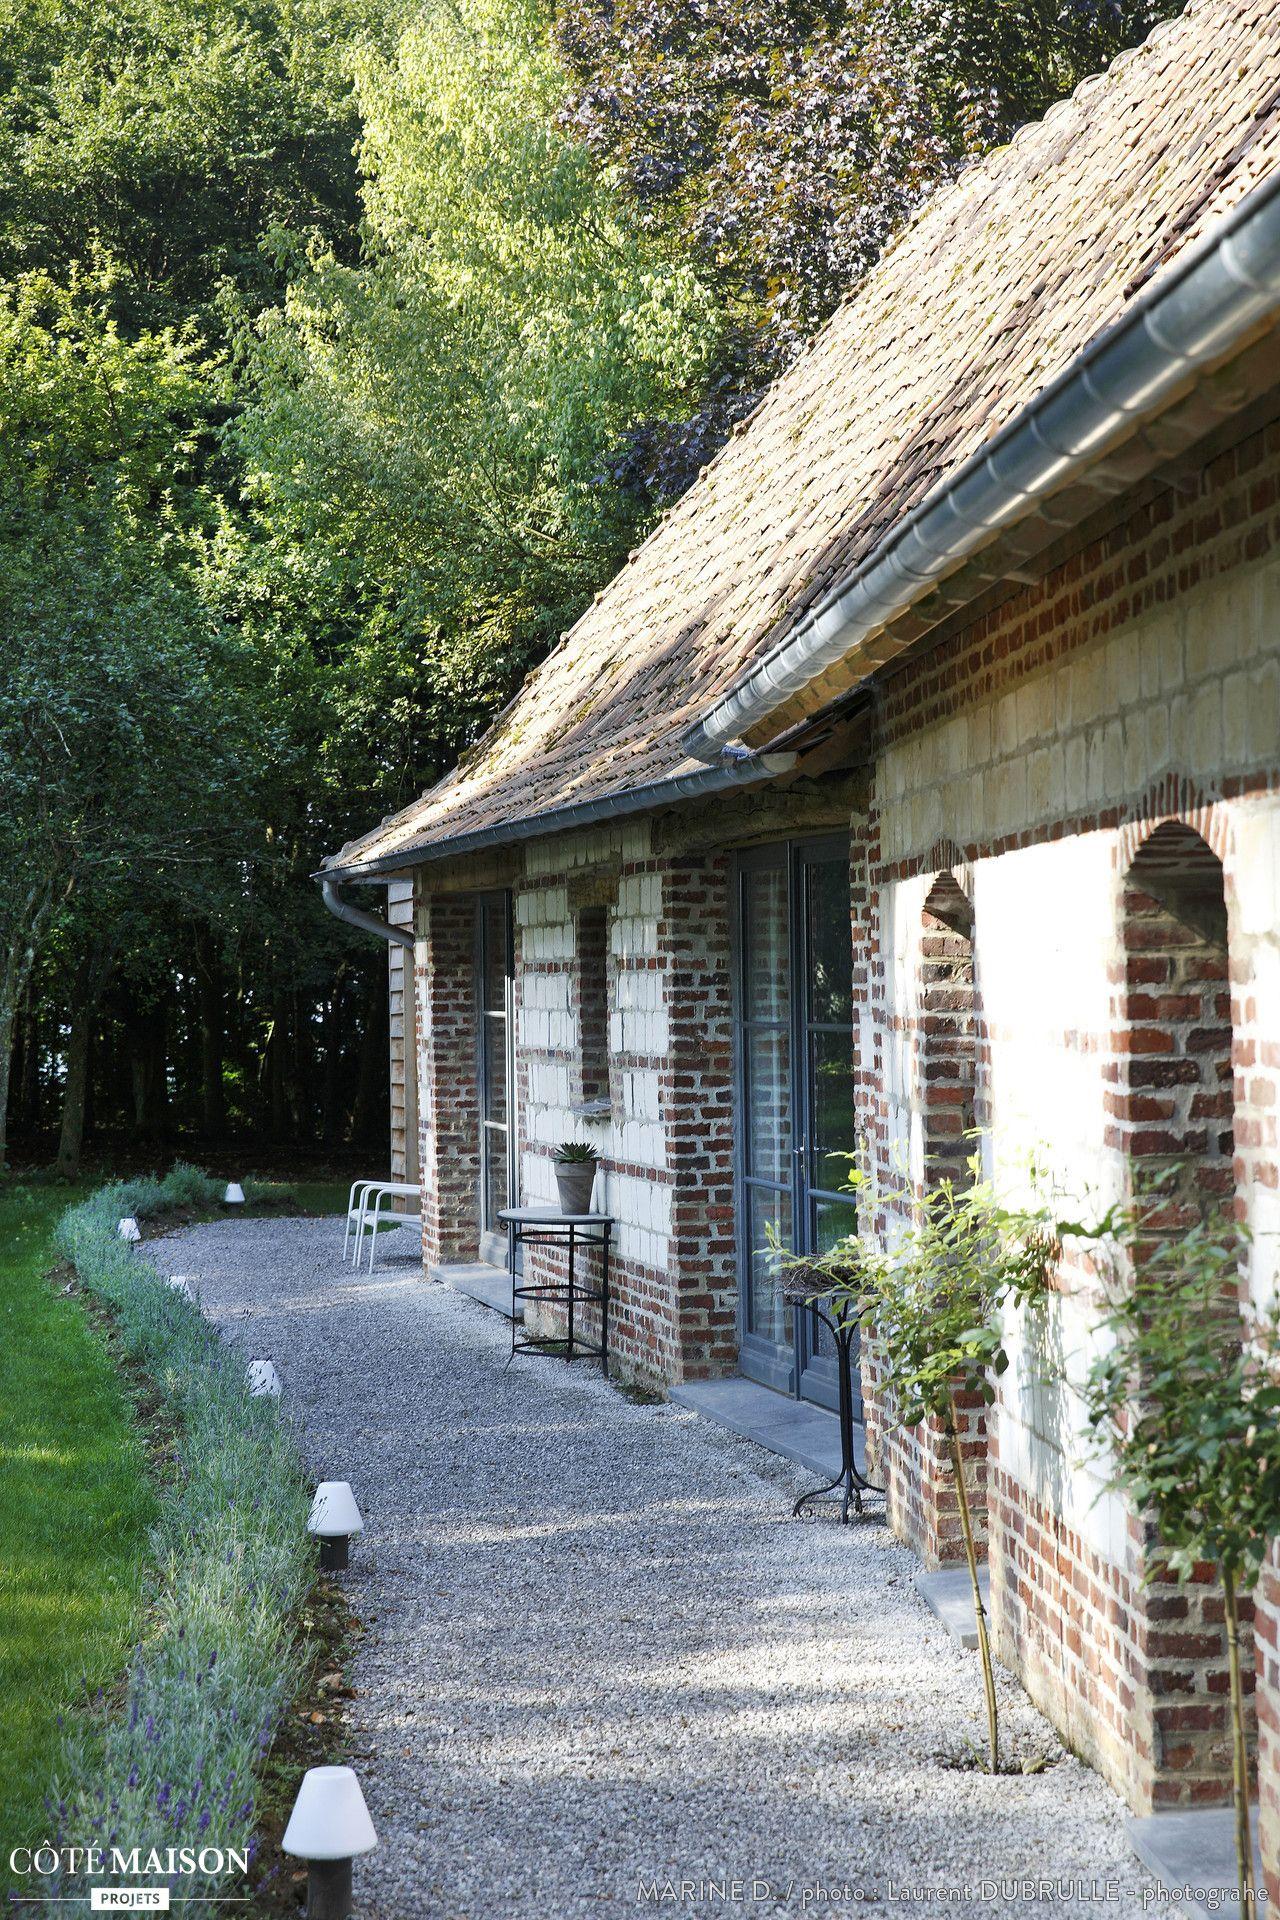 Un Matin Dans Les Bois Maison D Hotes Proche Du Touquet Et De La Baie De Somme Maison D Hotes Maison Maisons Francaises